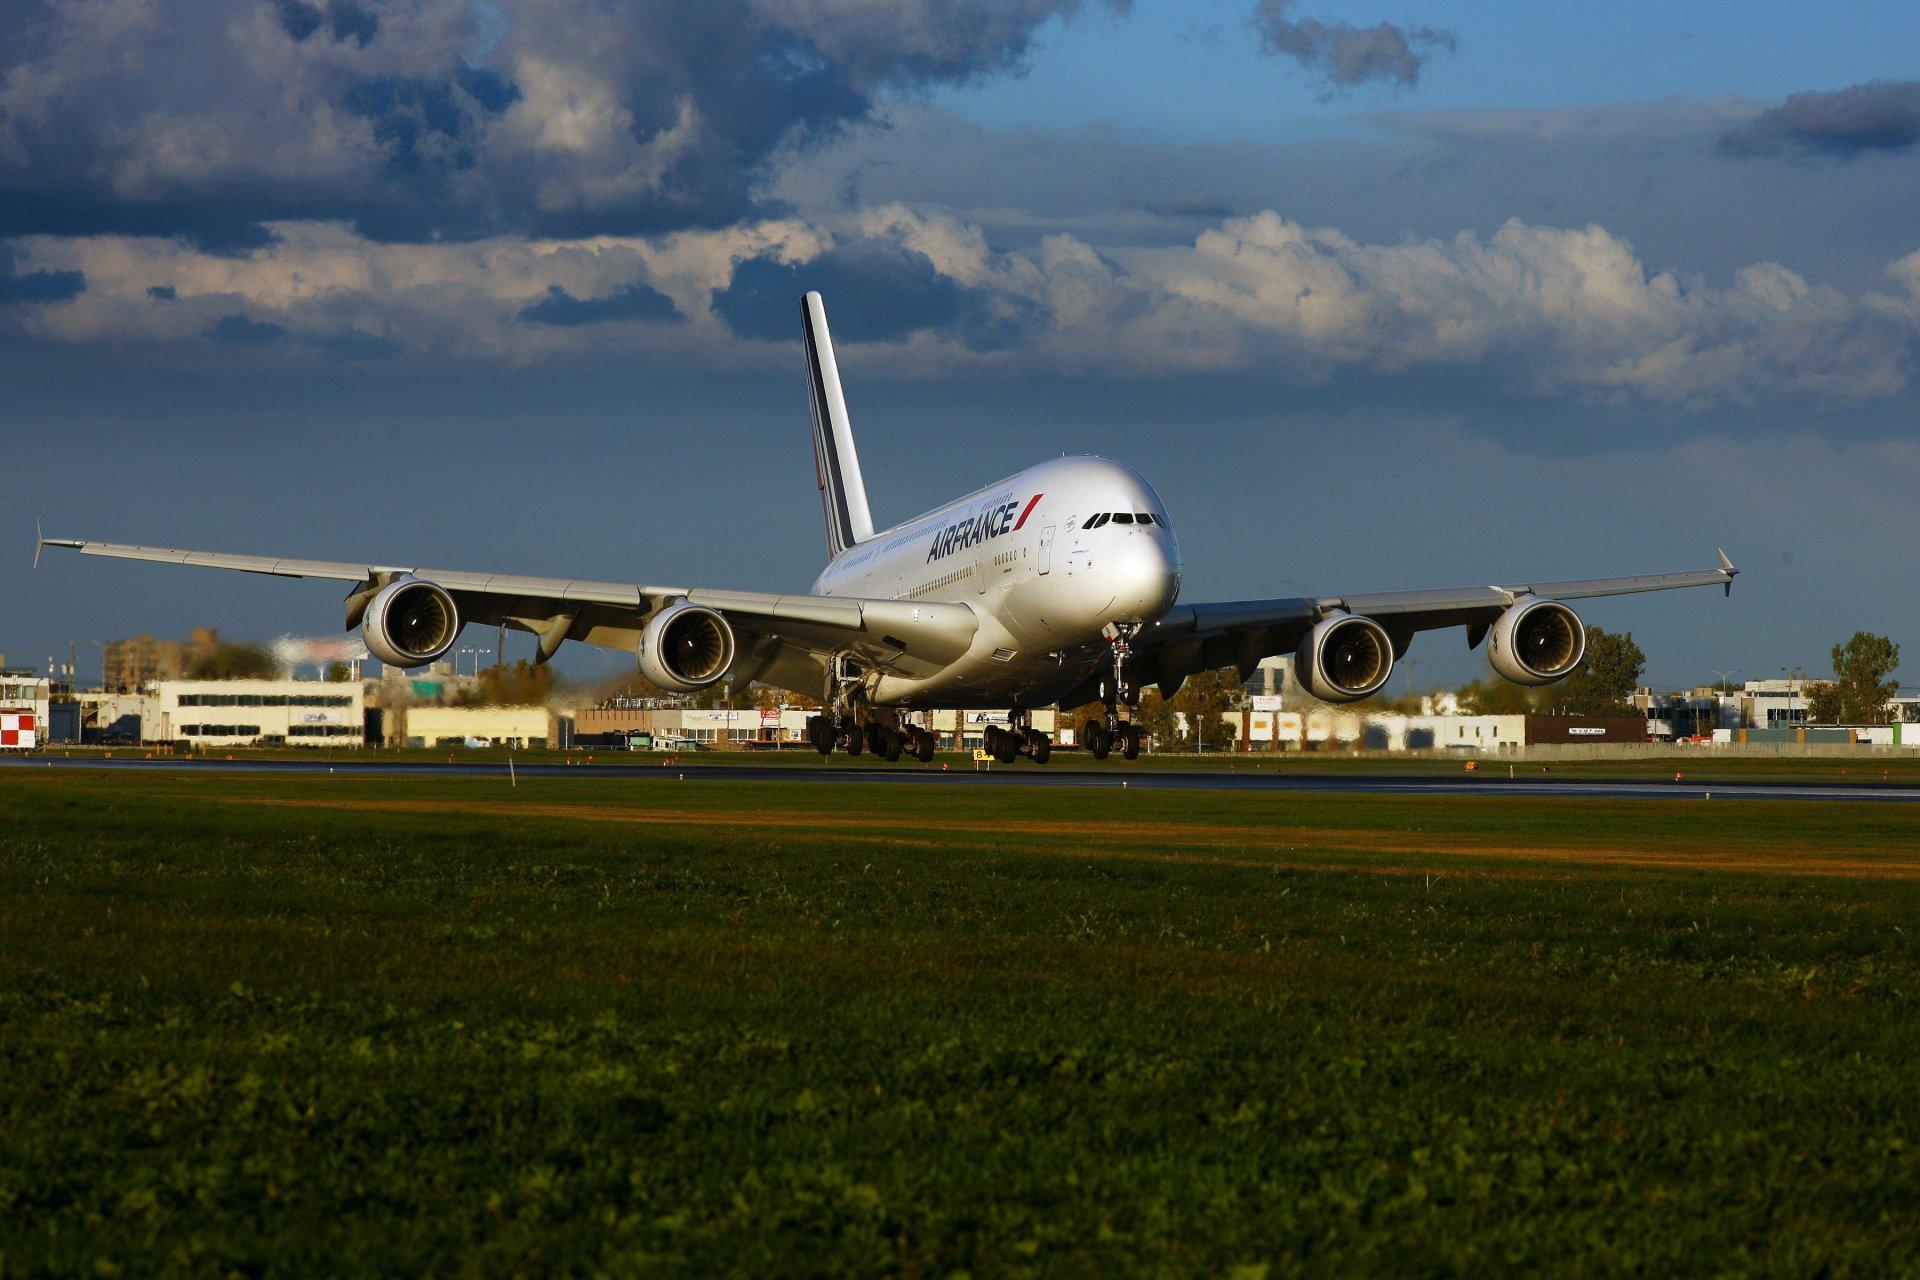 телефон сайт с фотографиями самолетов после трансформатора